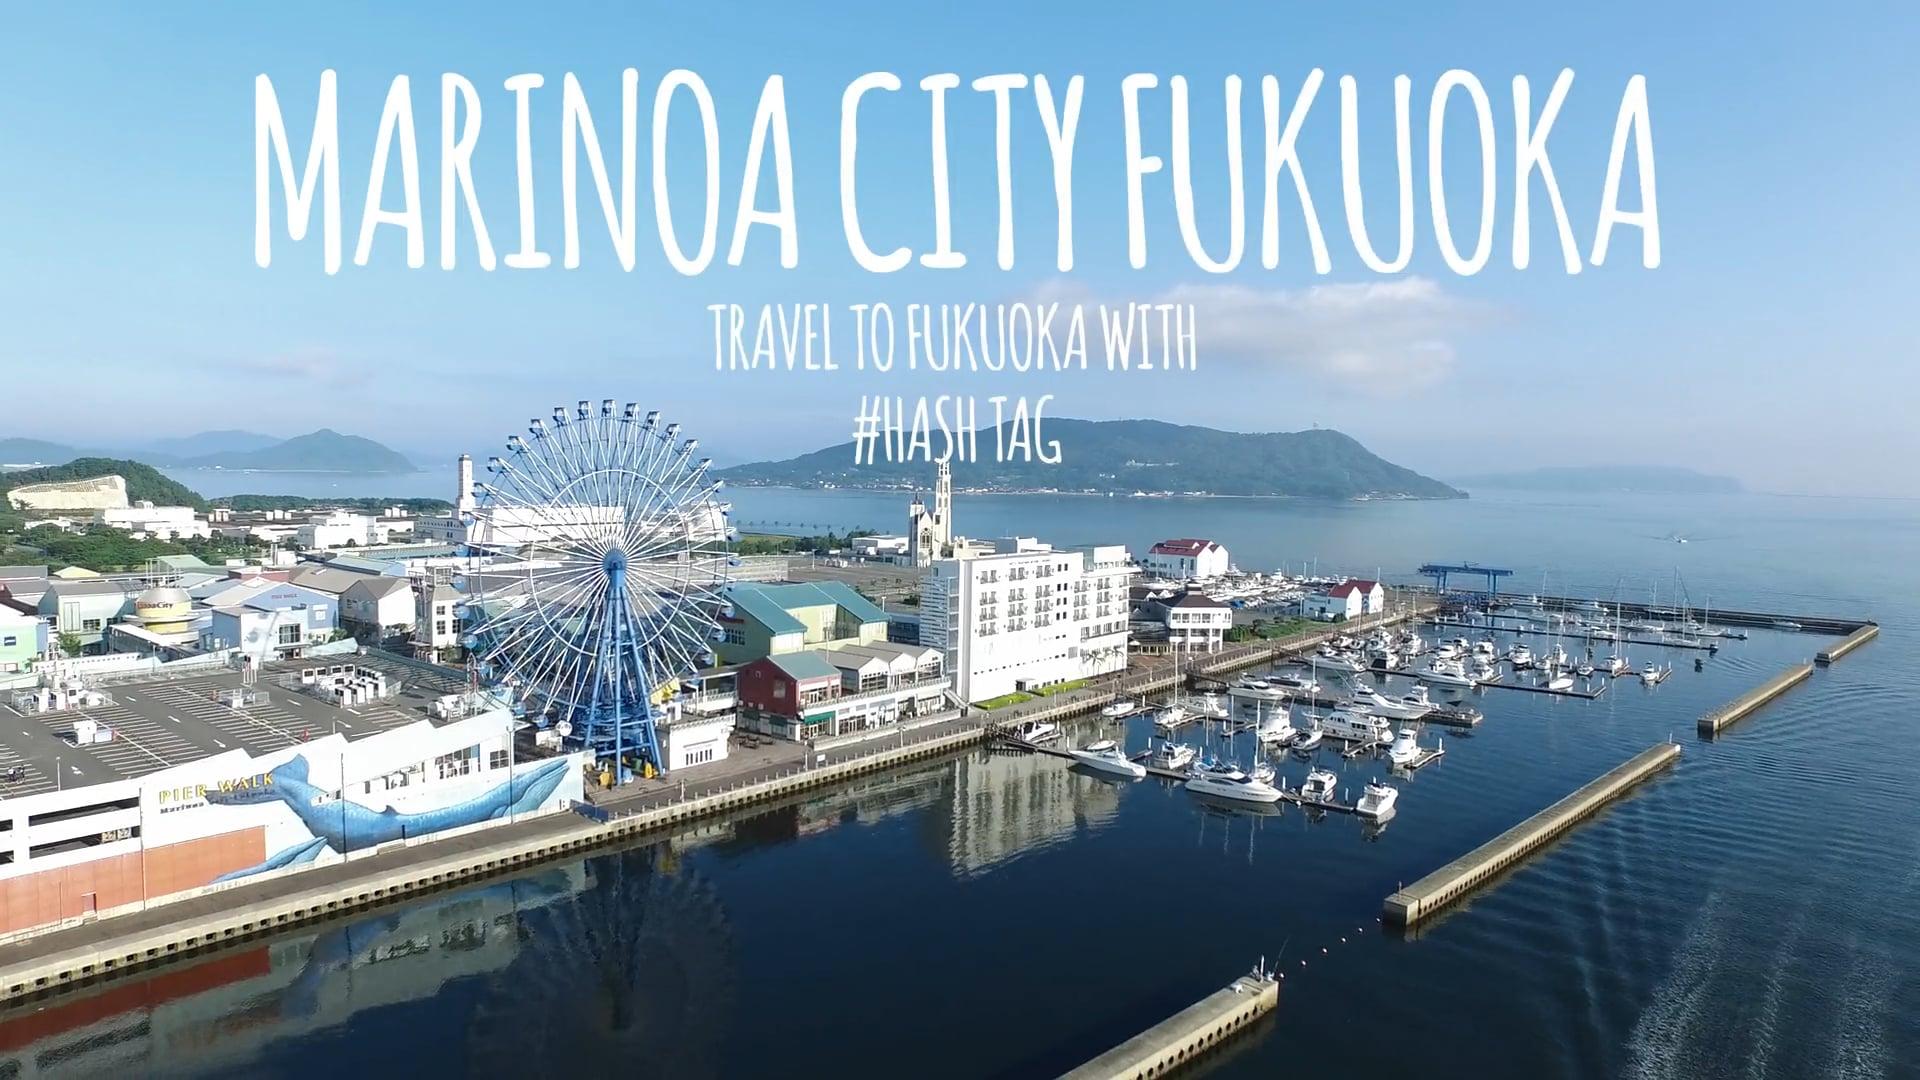 Fukuoka_Marinoa city_teaser